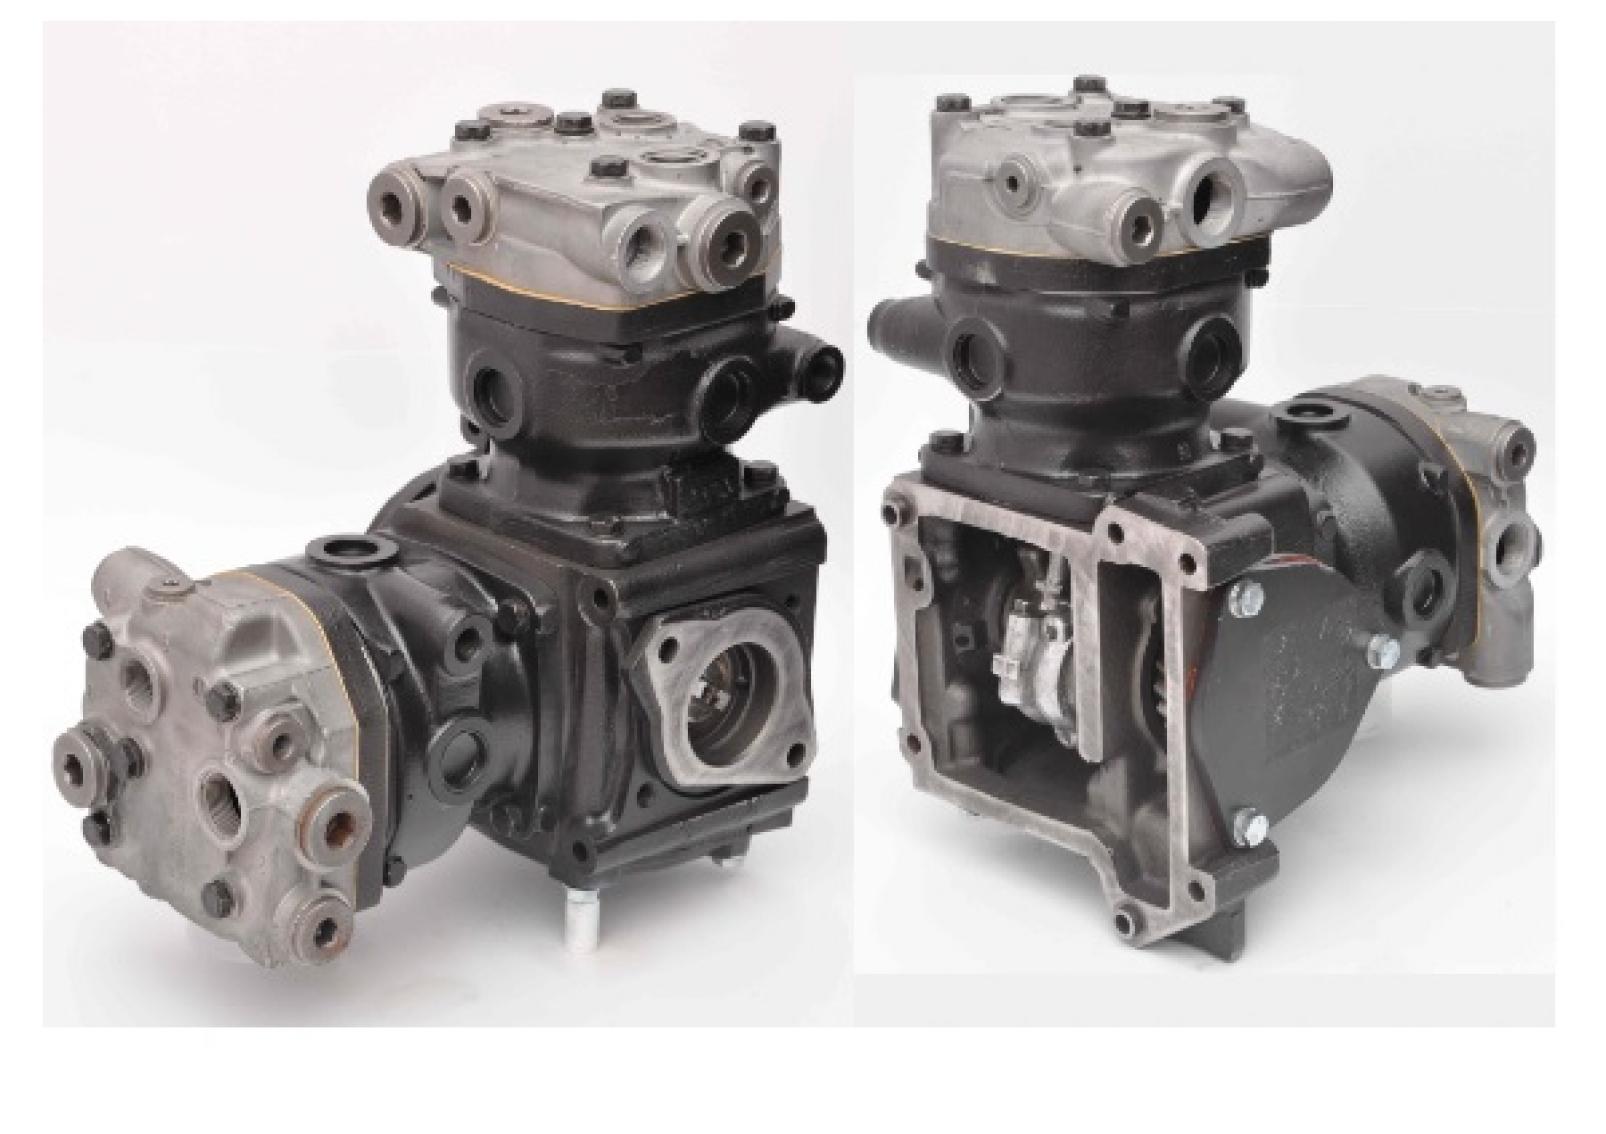 Air Compressor for Man, 51540007064, 4471300415, 51540007075